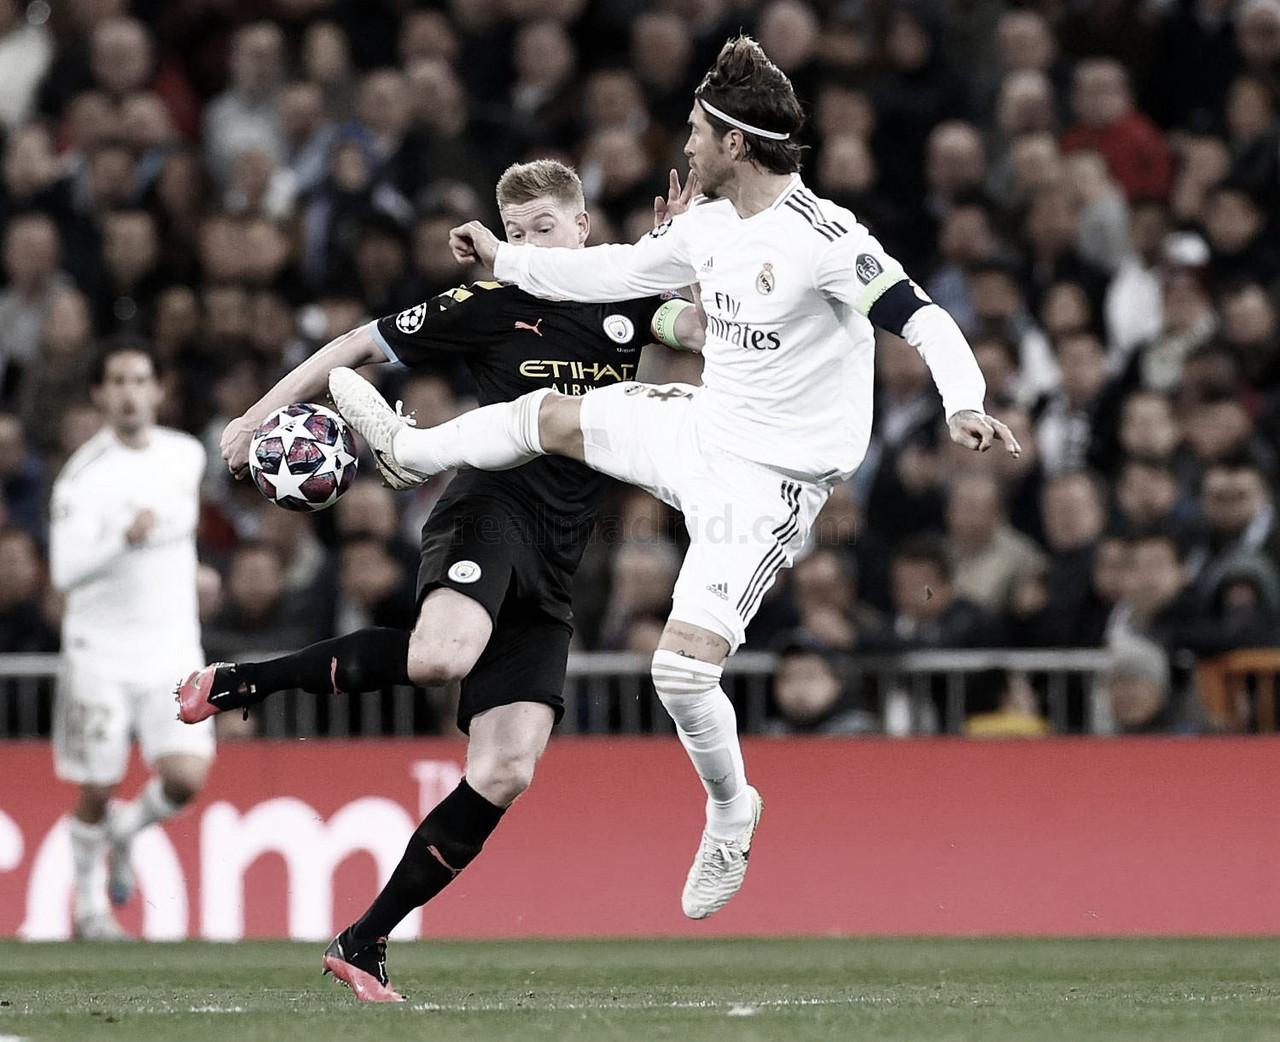 El Madrid acumula siete victorias fuera de casa en octavos de final